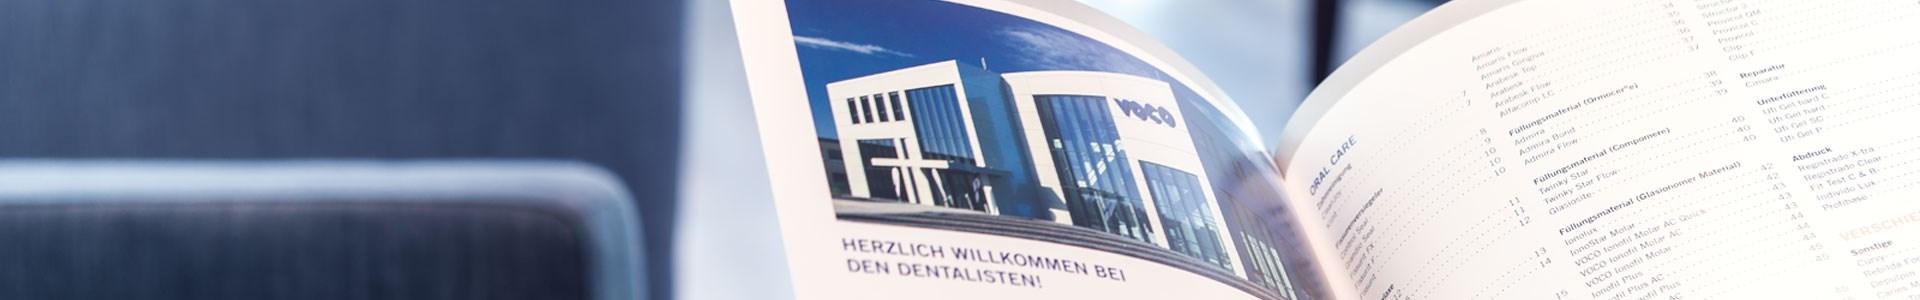 Press Area | VOCO GmbH